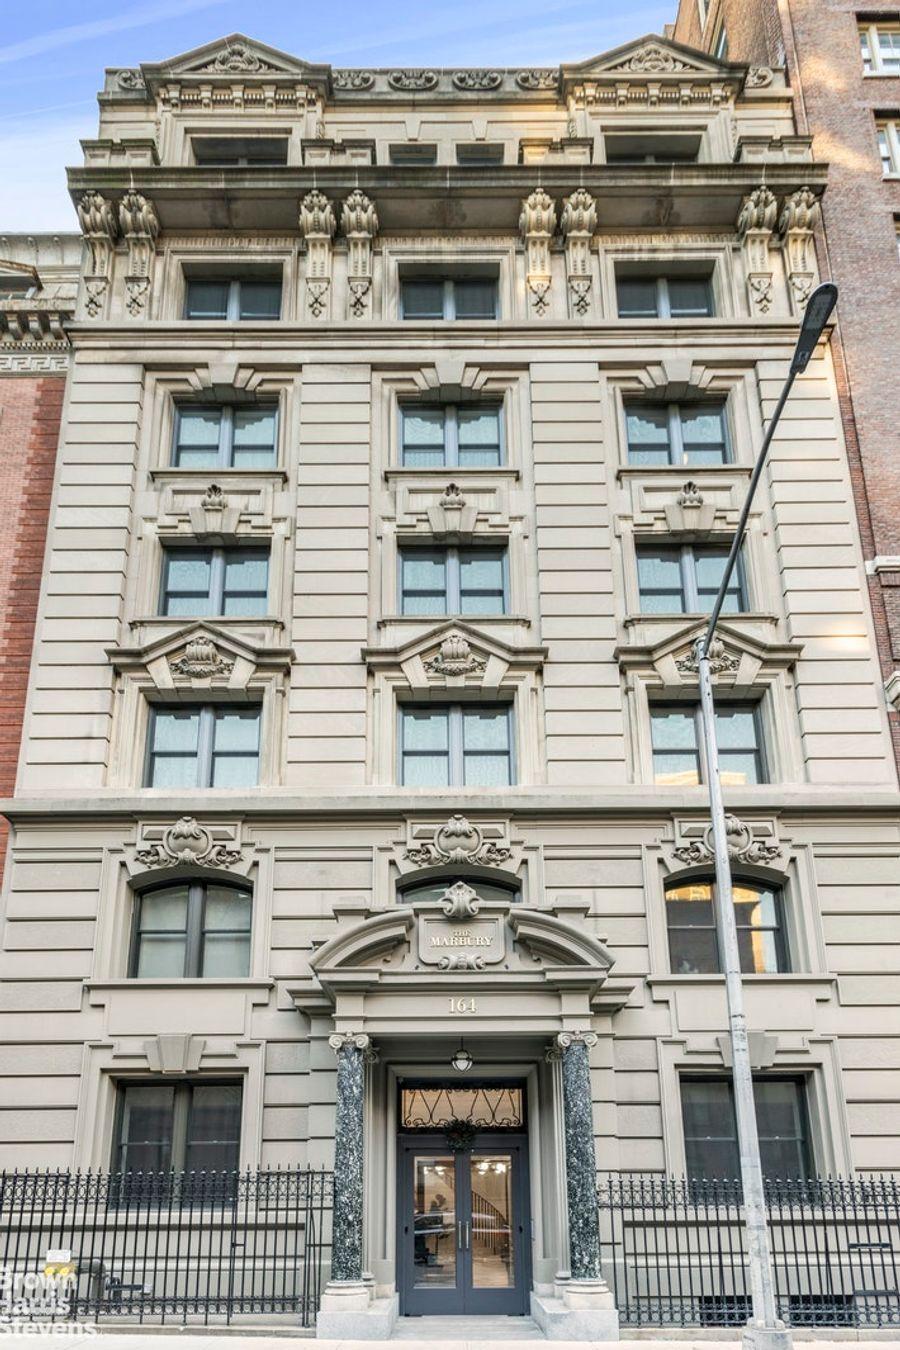 The Marbury, 164 West 74th Street